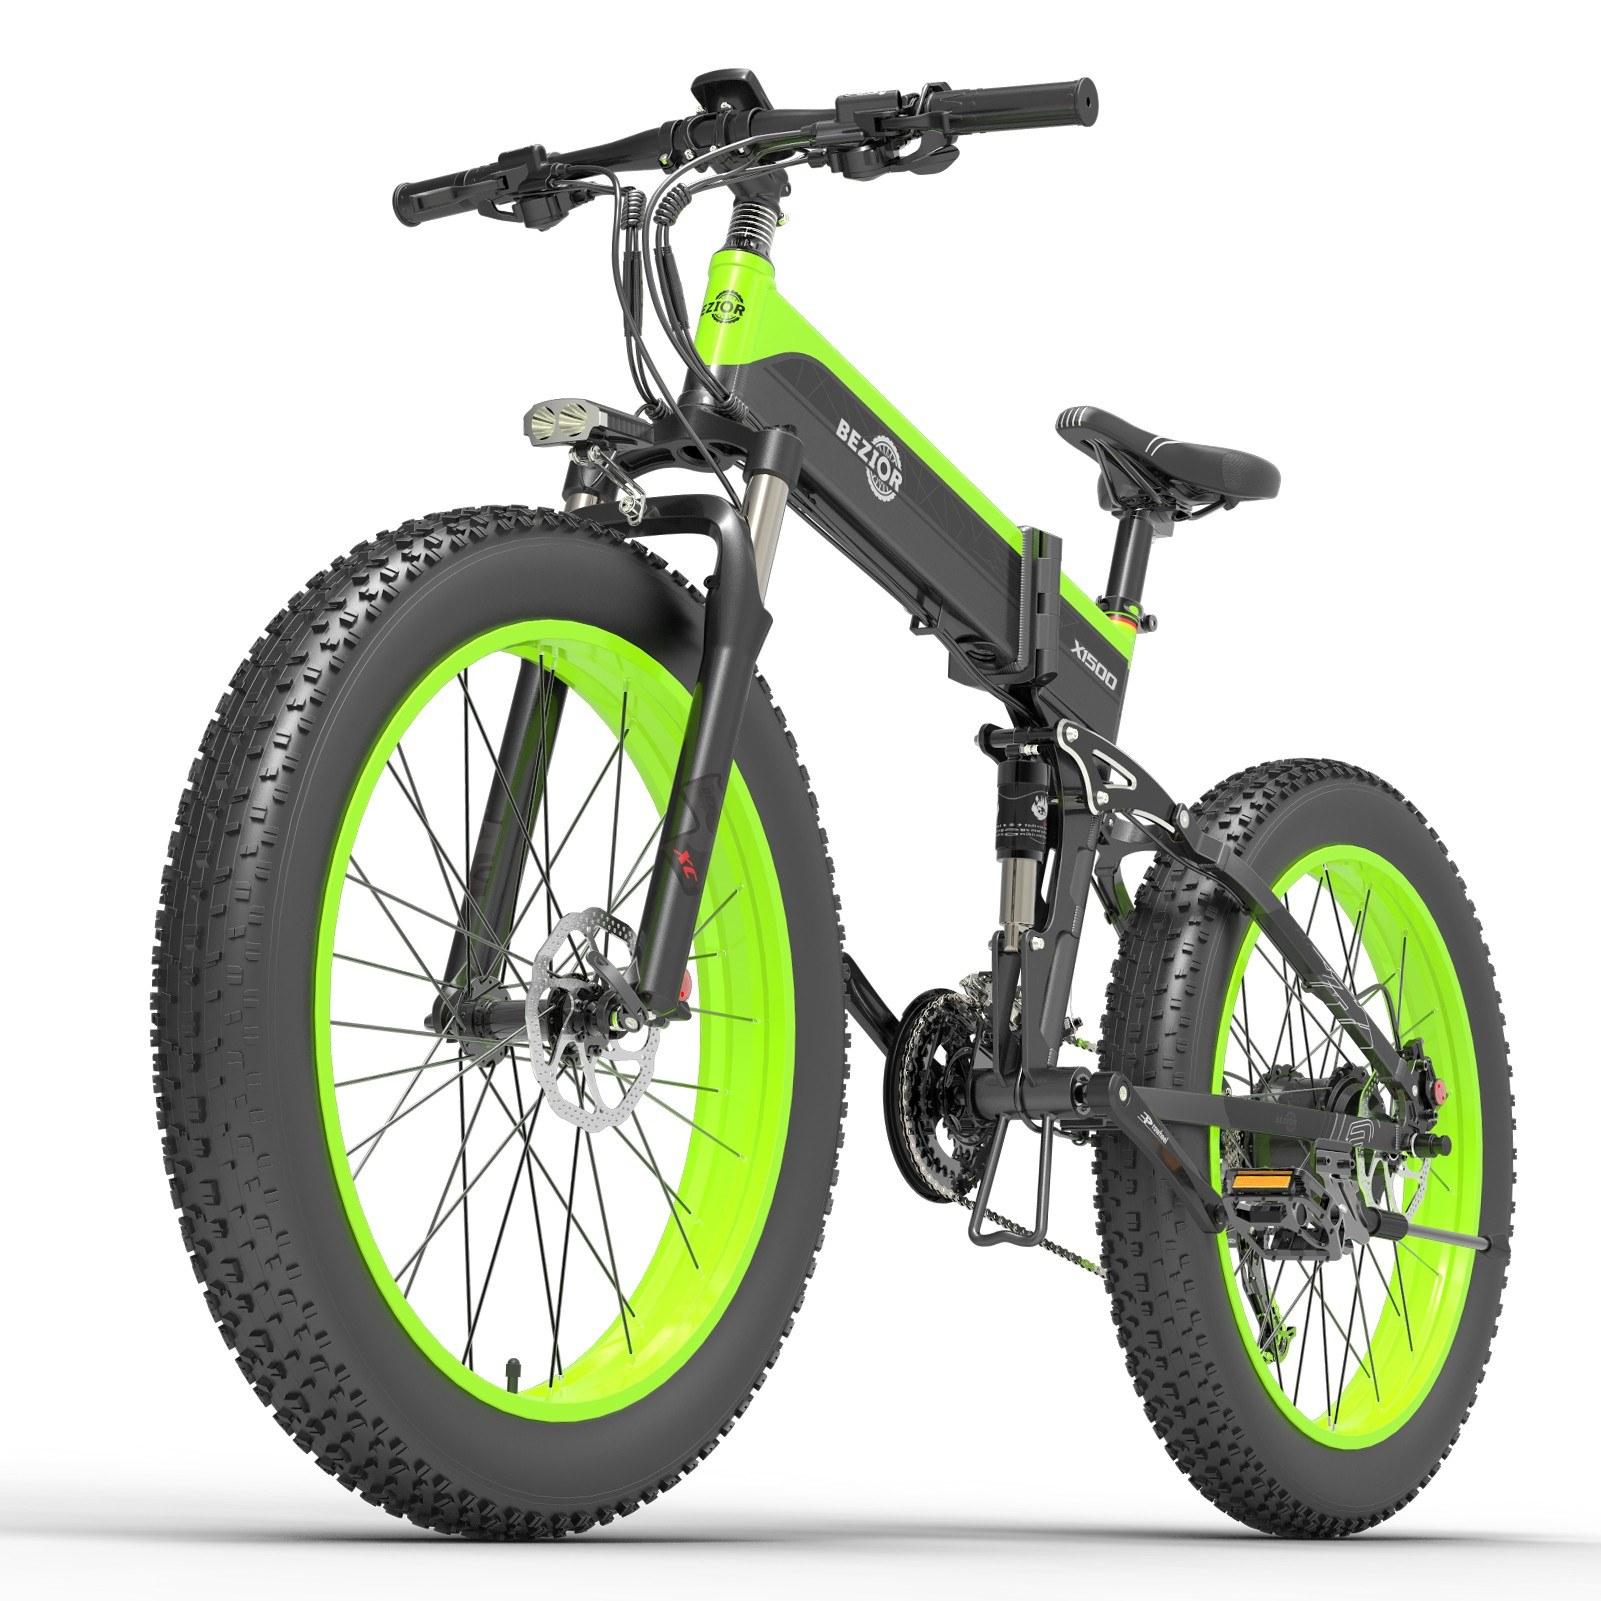 cafago.com - 41% OFF BEZIOR X1500 1500W 26Inch Folding Electric Bike 48V 12.8AH,free shipping+$1554.79